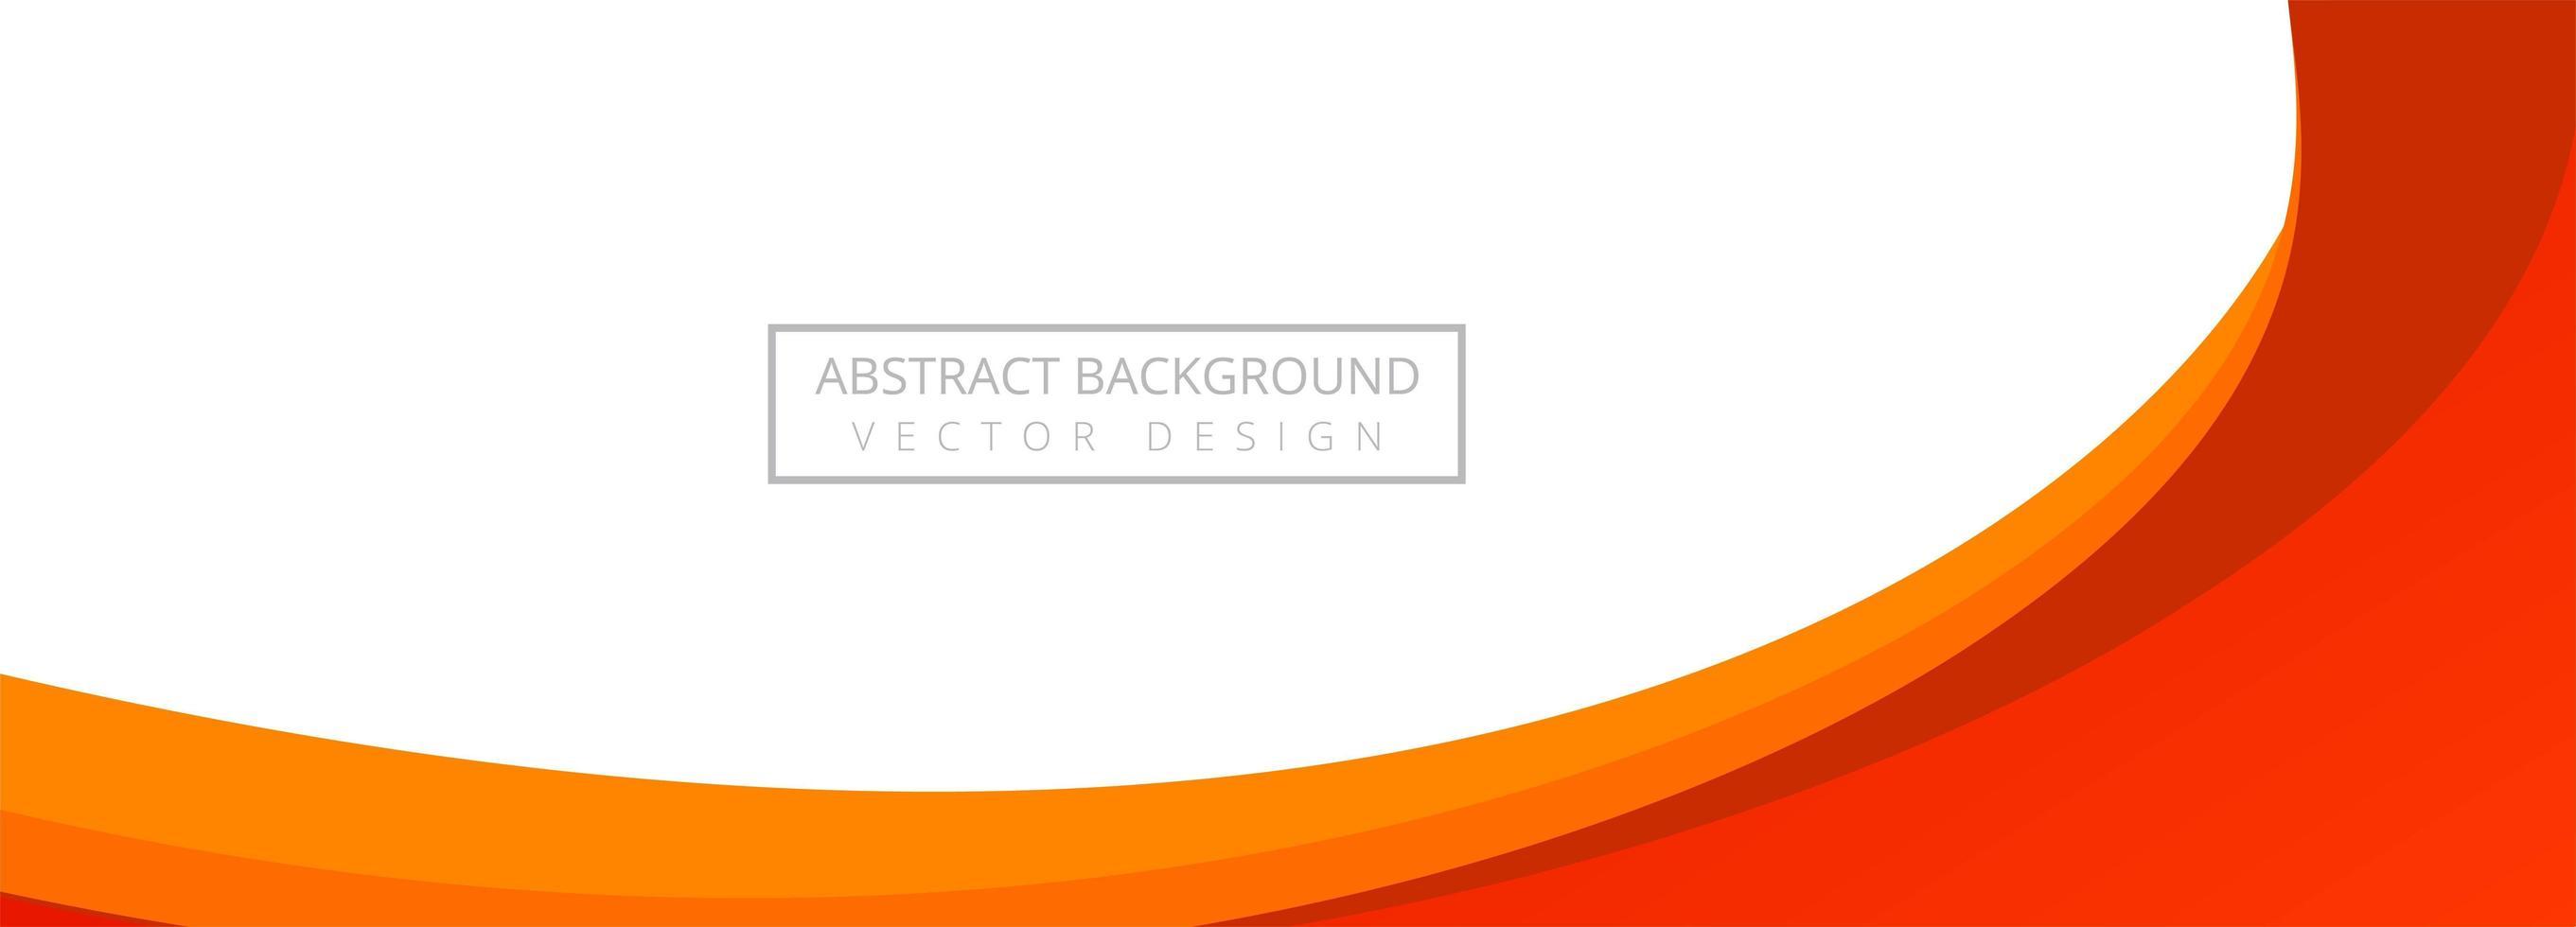 modernes rotes und orange fließendes Wellenbanner vektor